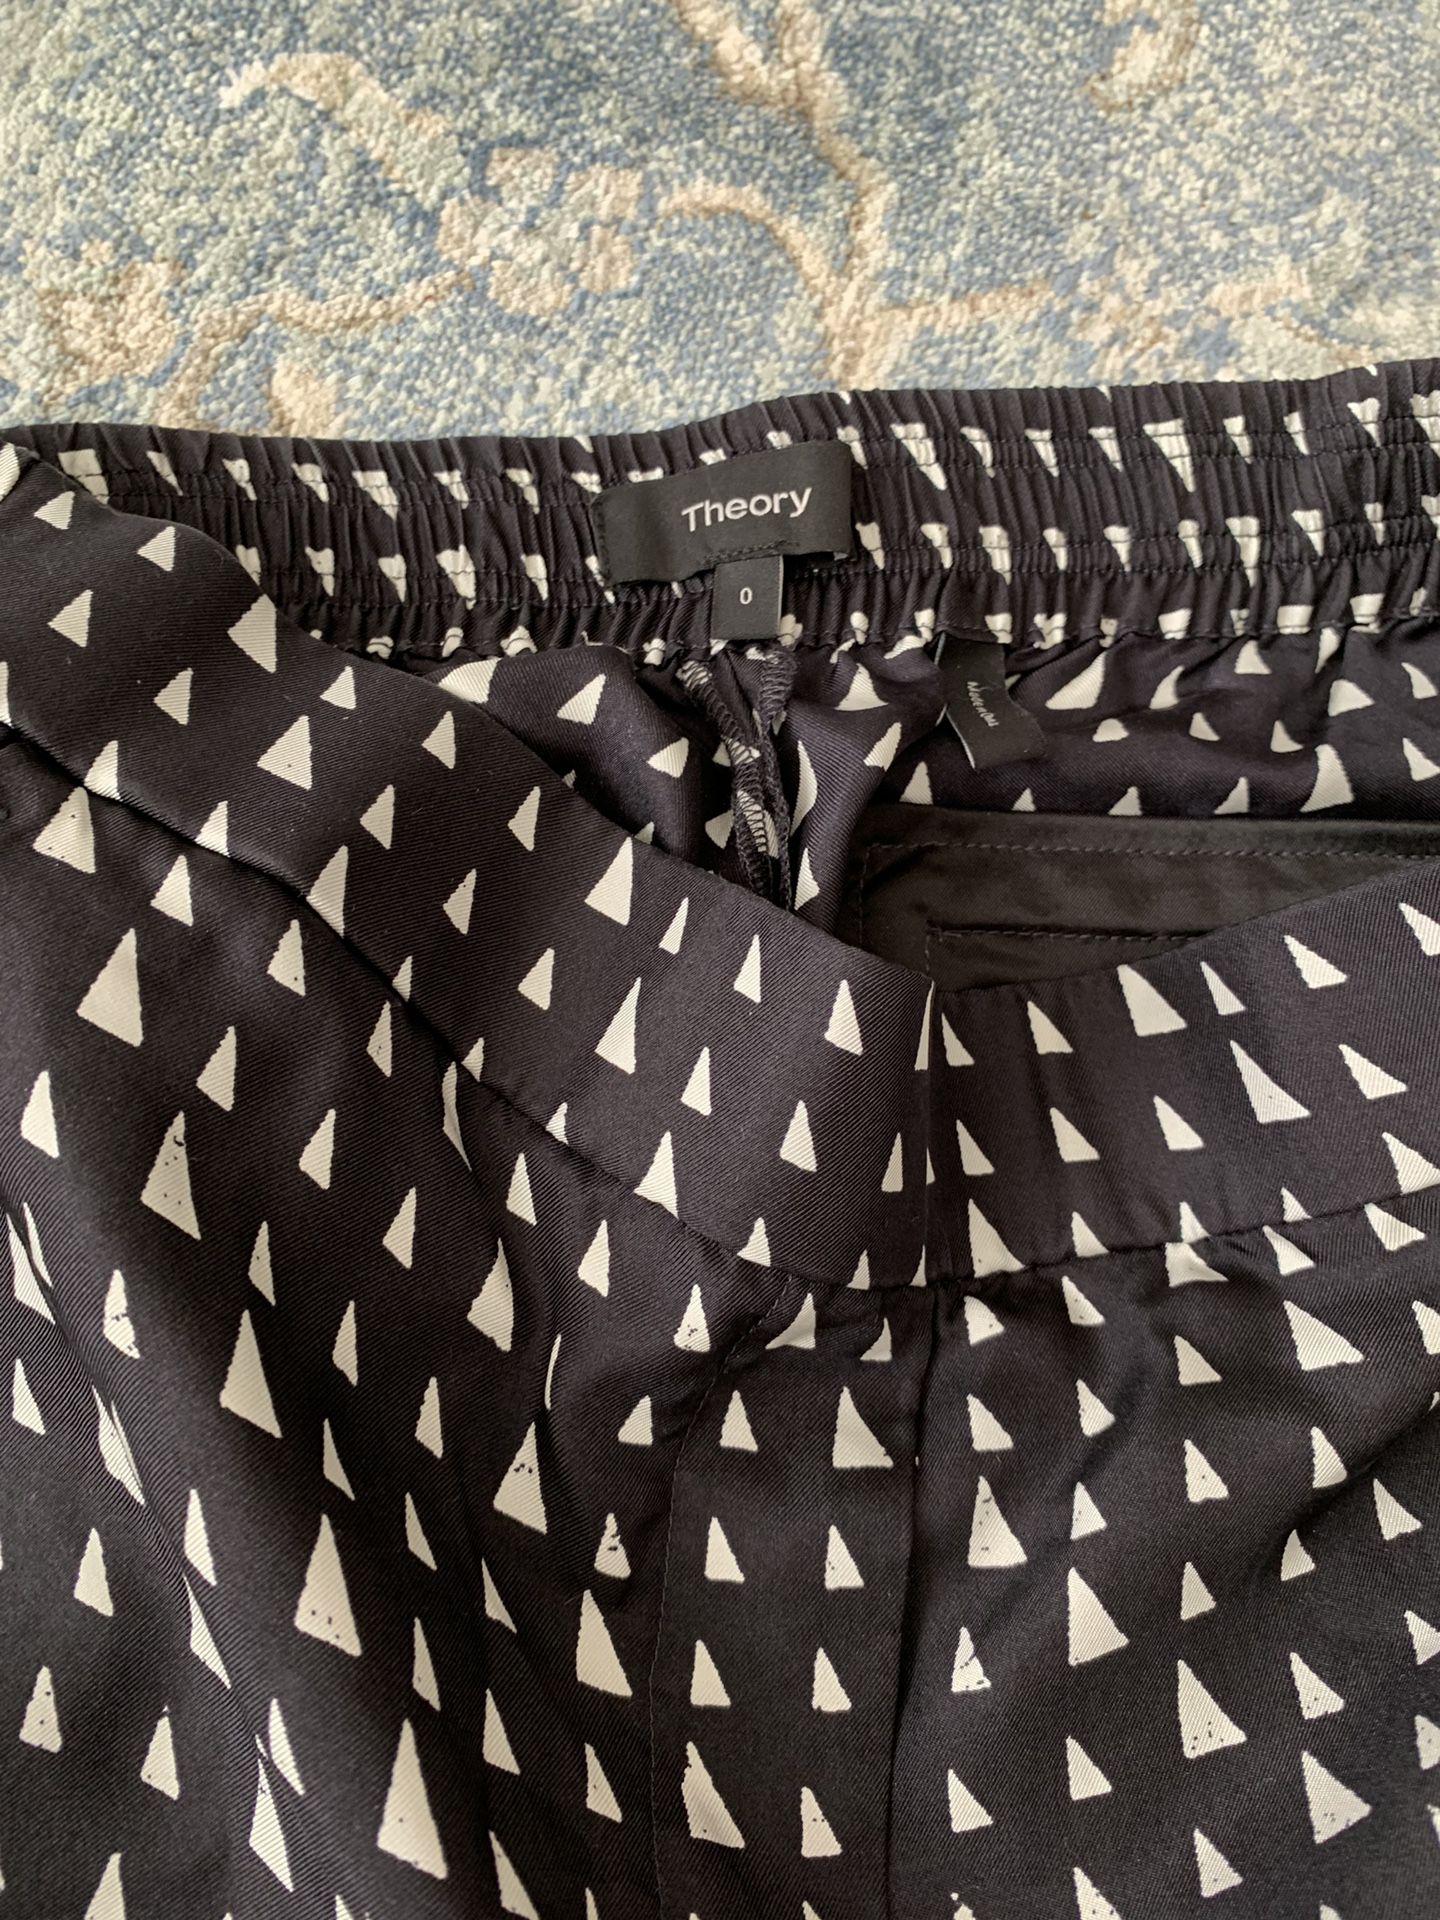 Theory Pants Silk size 0